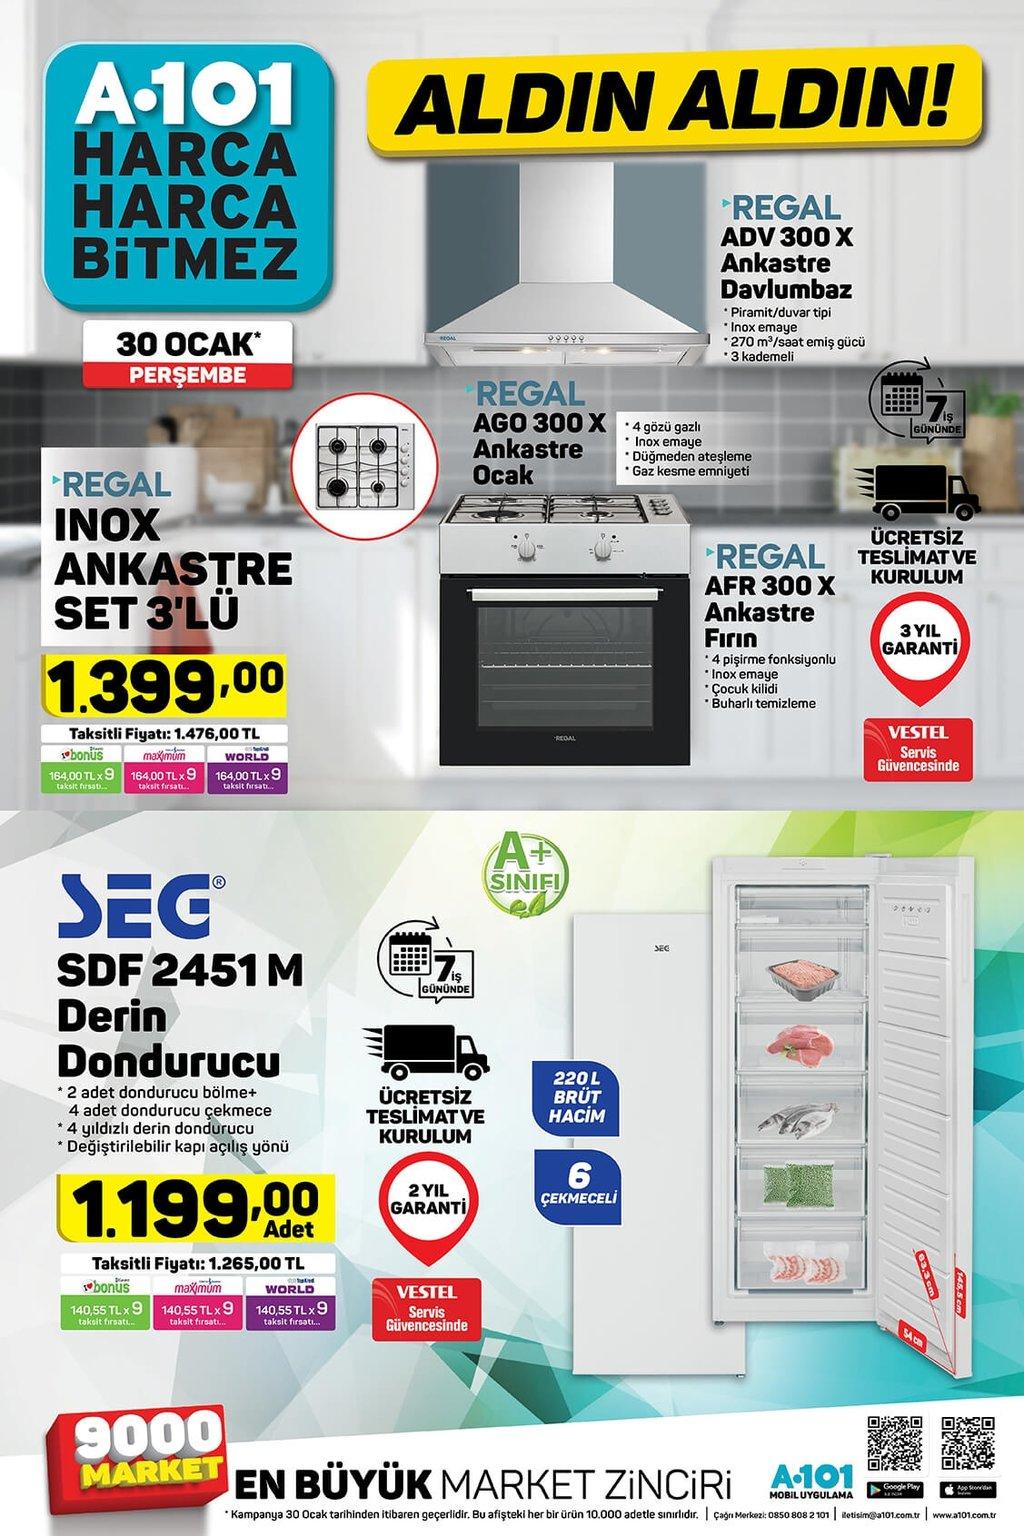 30 Ocak Perşembe A101 aktüel ürünler kataloğu indirimleri!